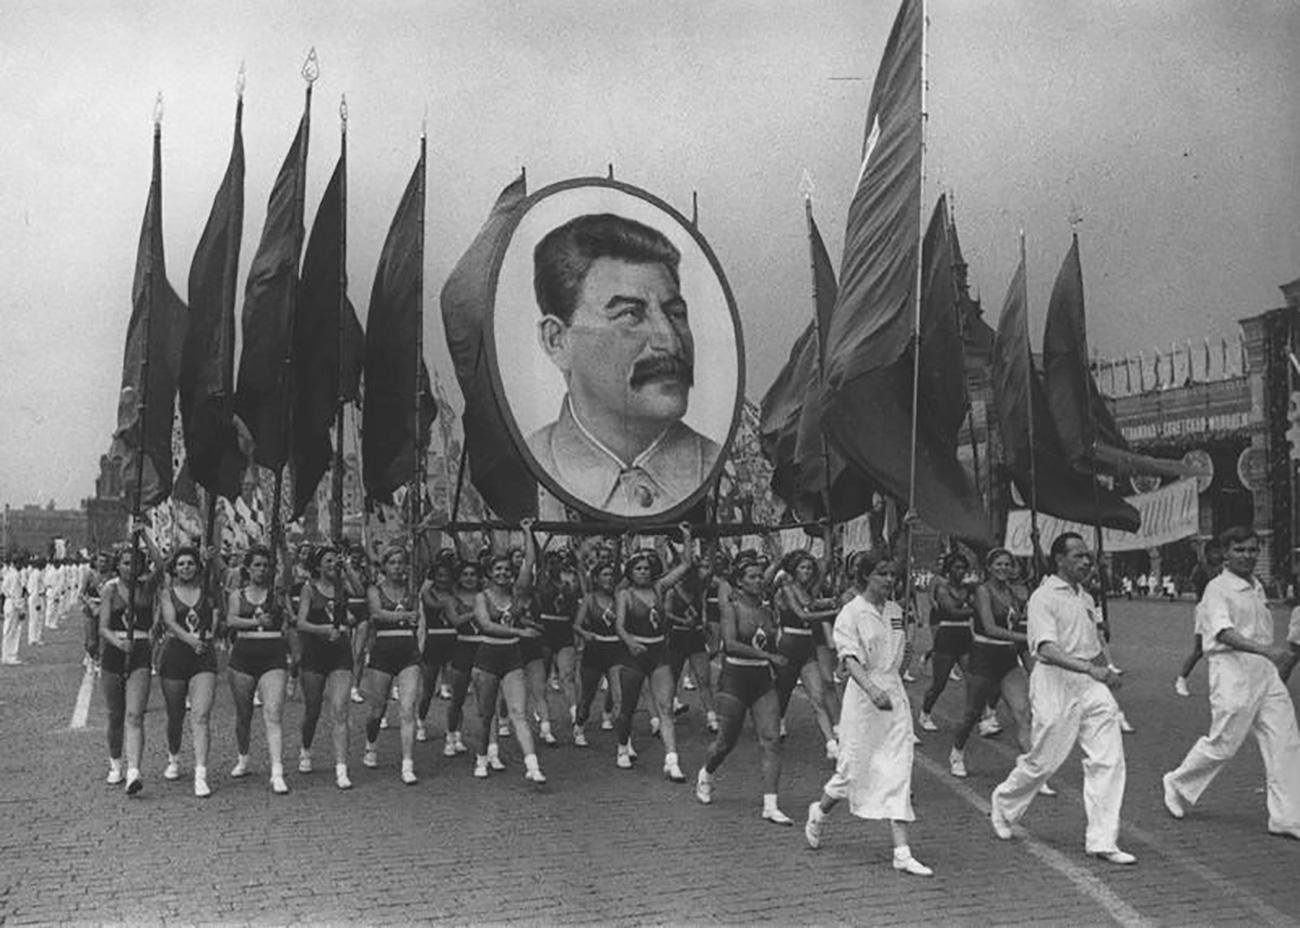 Dünyanın en yaşlı cerrahından Stalin yorumu: Gazetede Stalin'in resmini görürsem o gazeteyi çöpe atmam